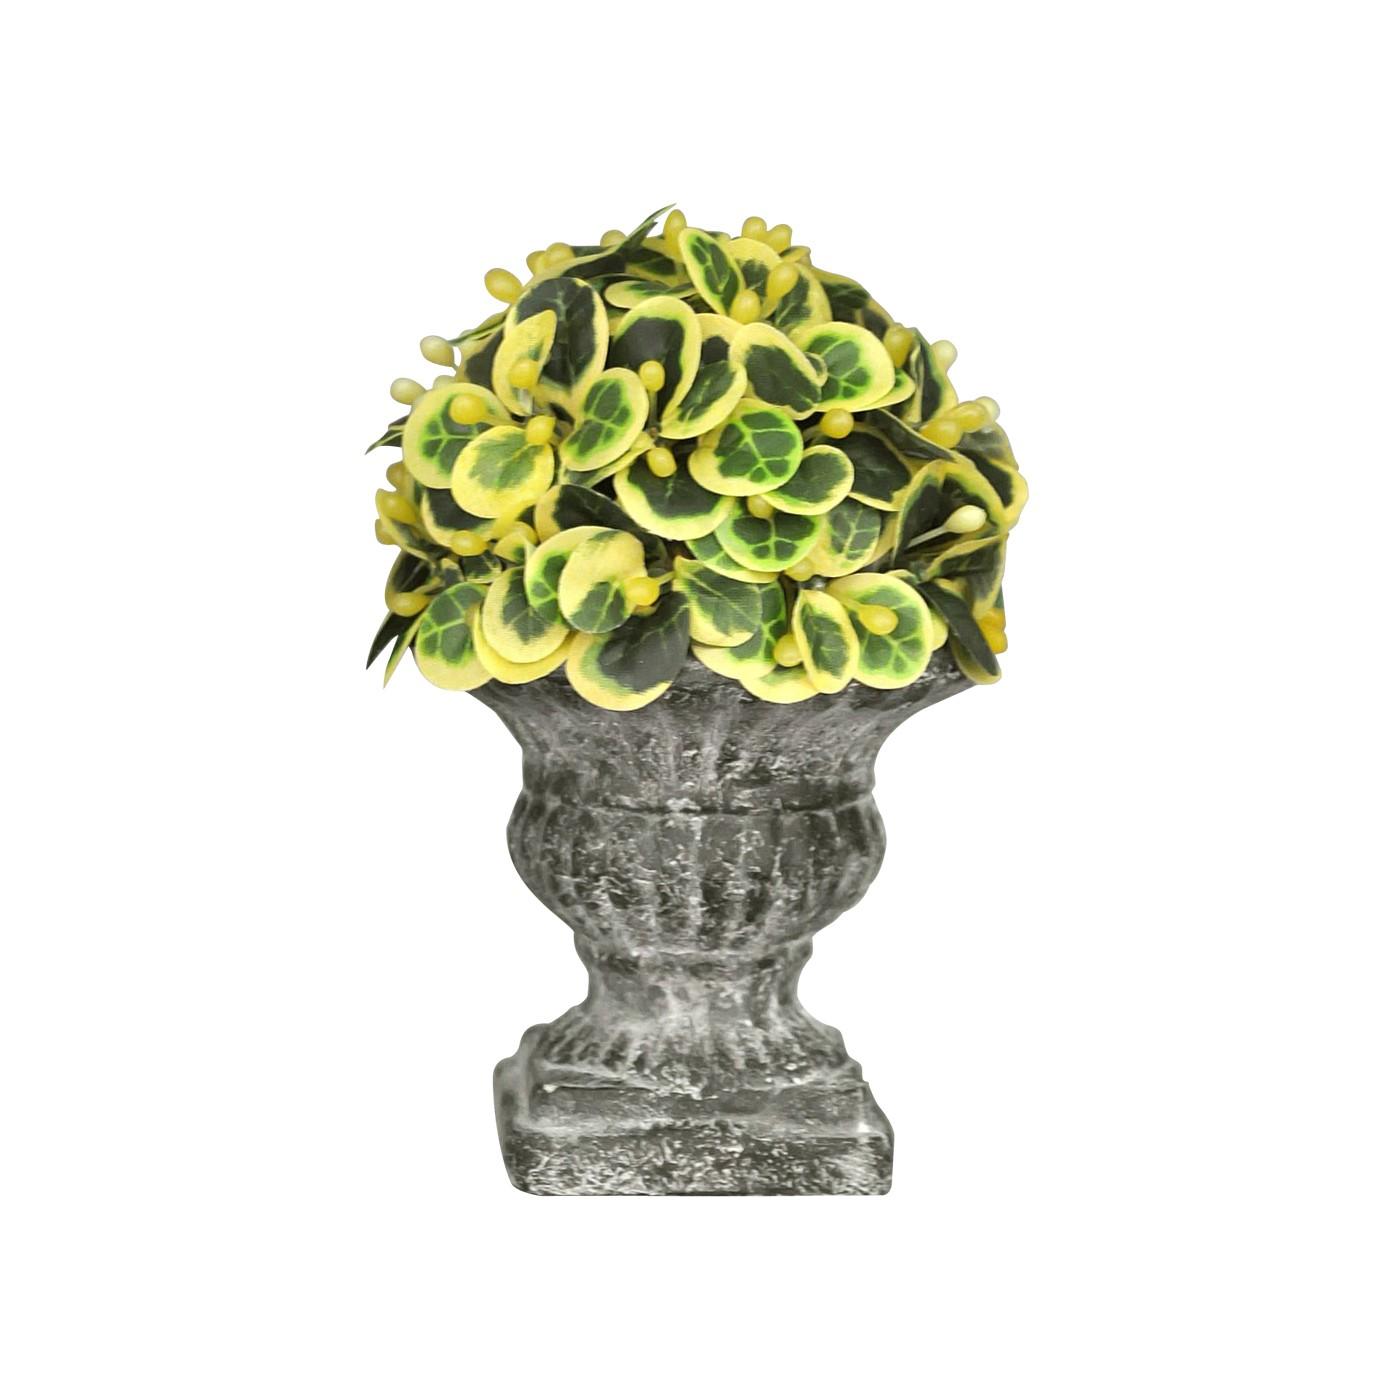 Les 6 mini topiaires d coratives demeure et jardin for Plante decorative jardin